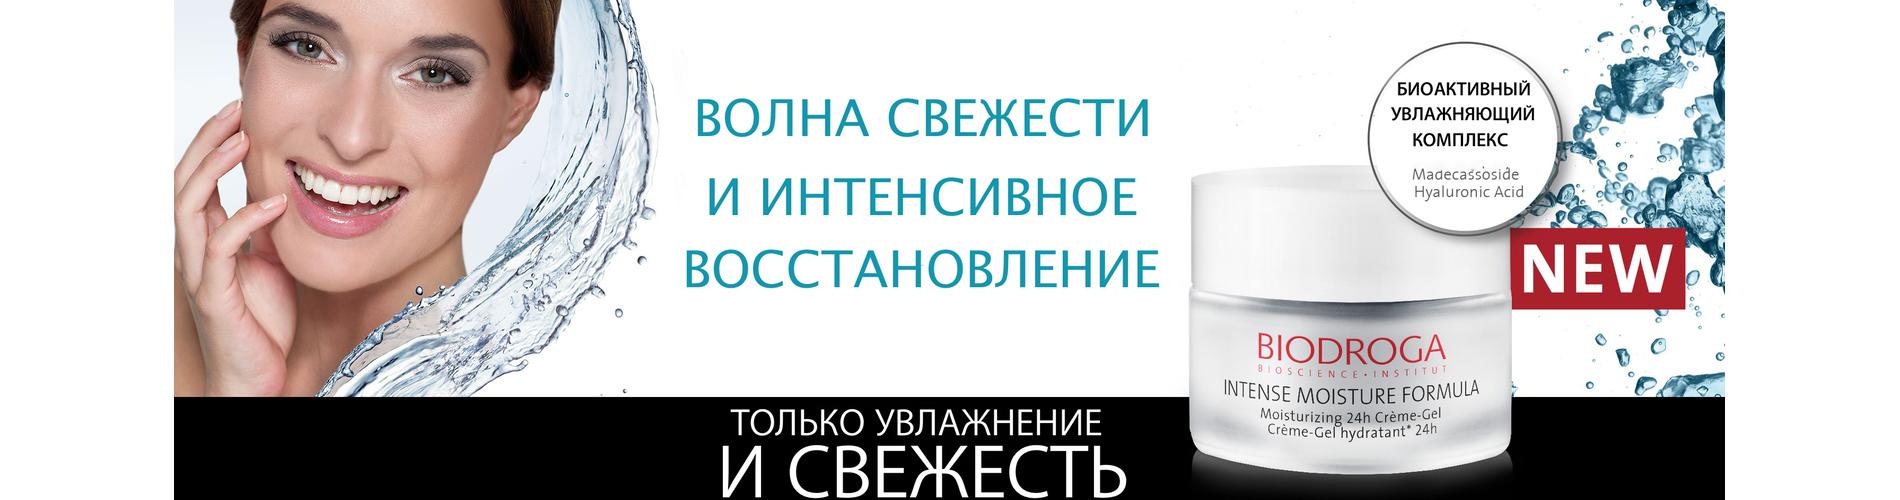 Крем против морщин купить Киев